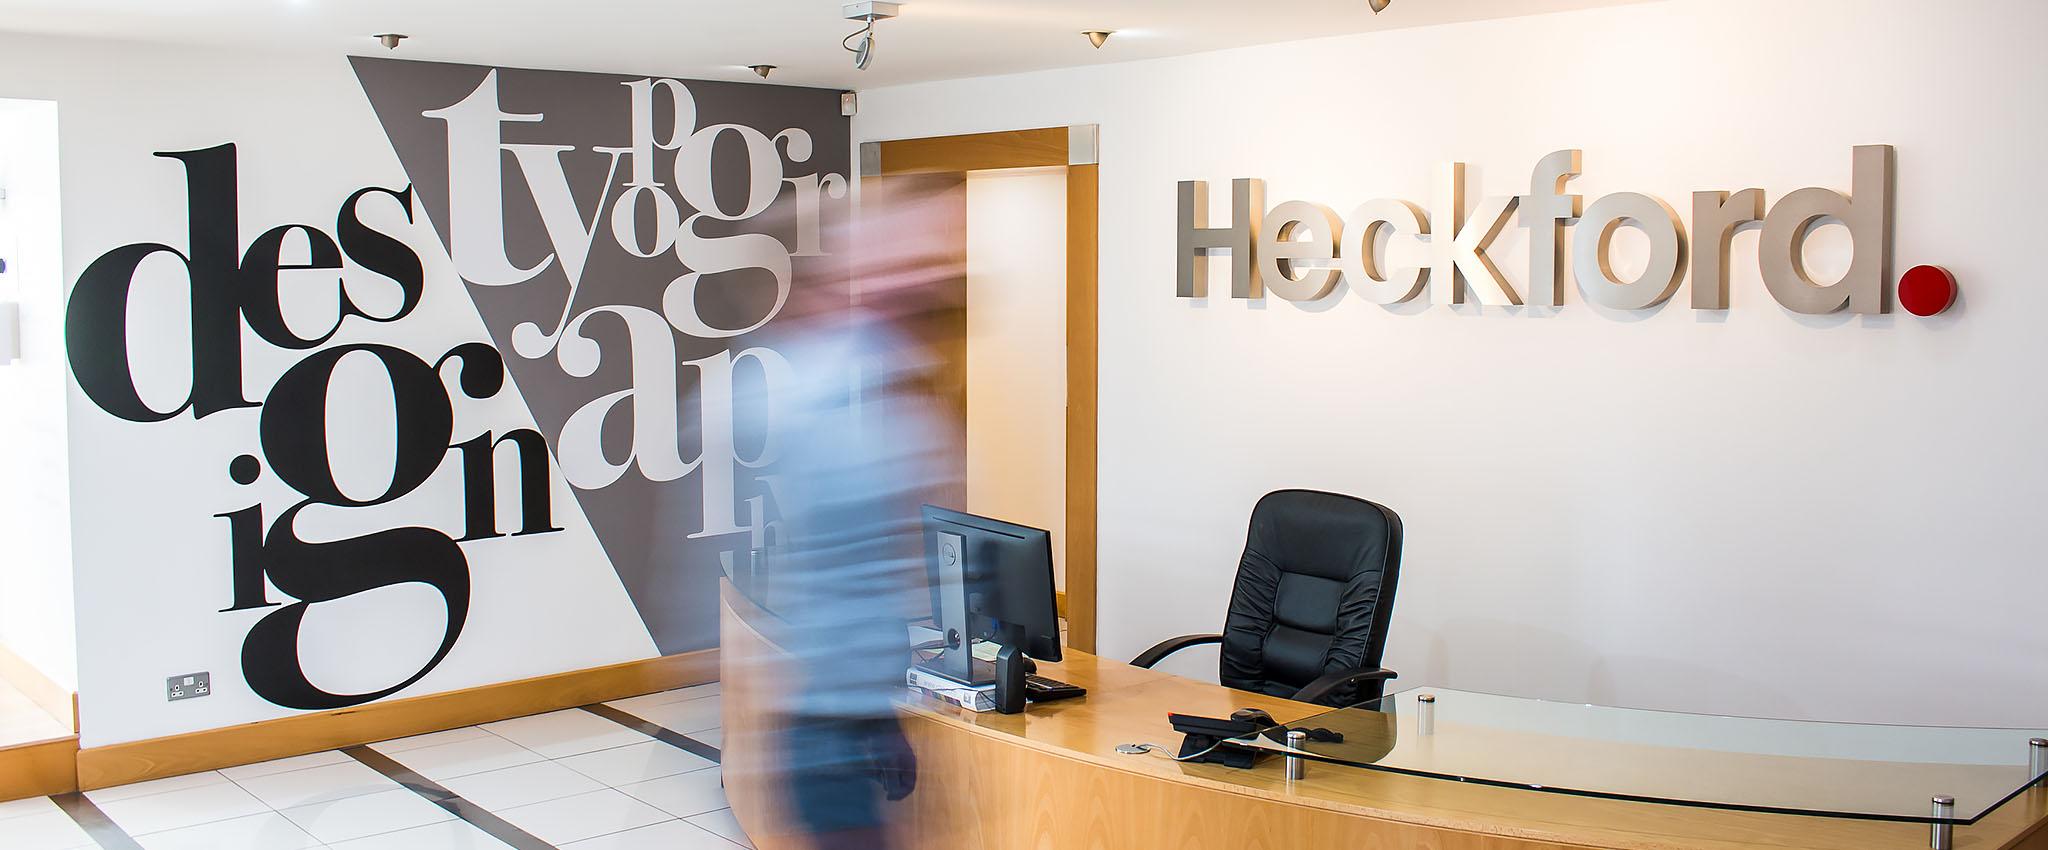 Heckford Marketing Agency